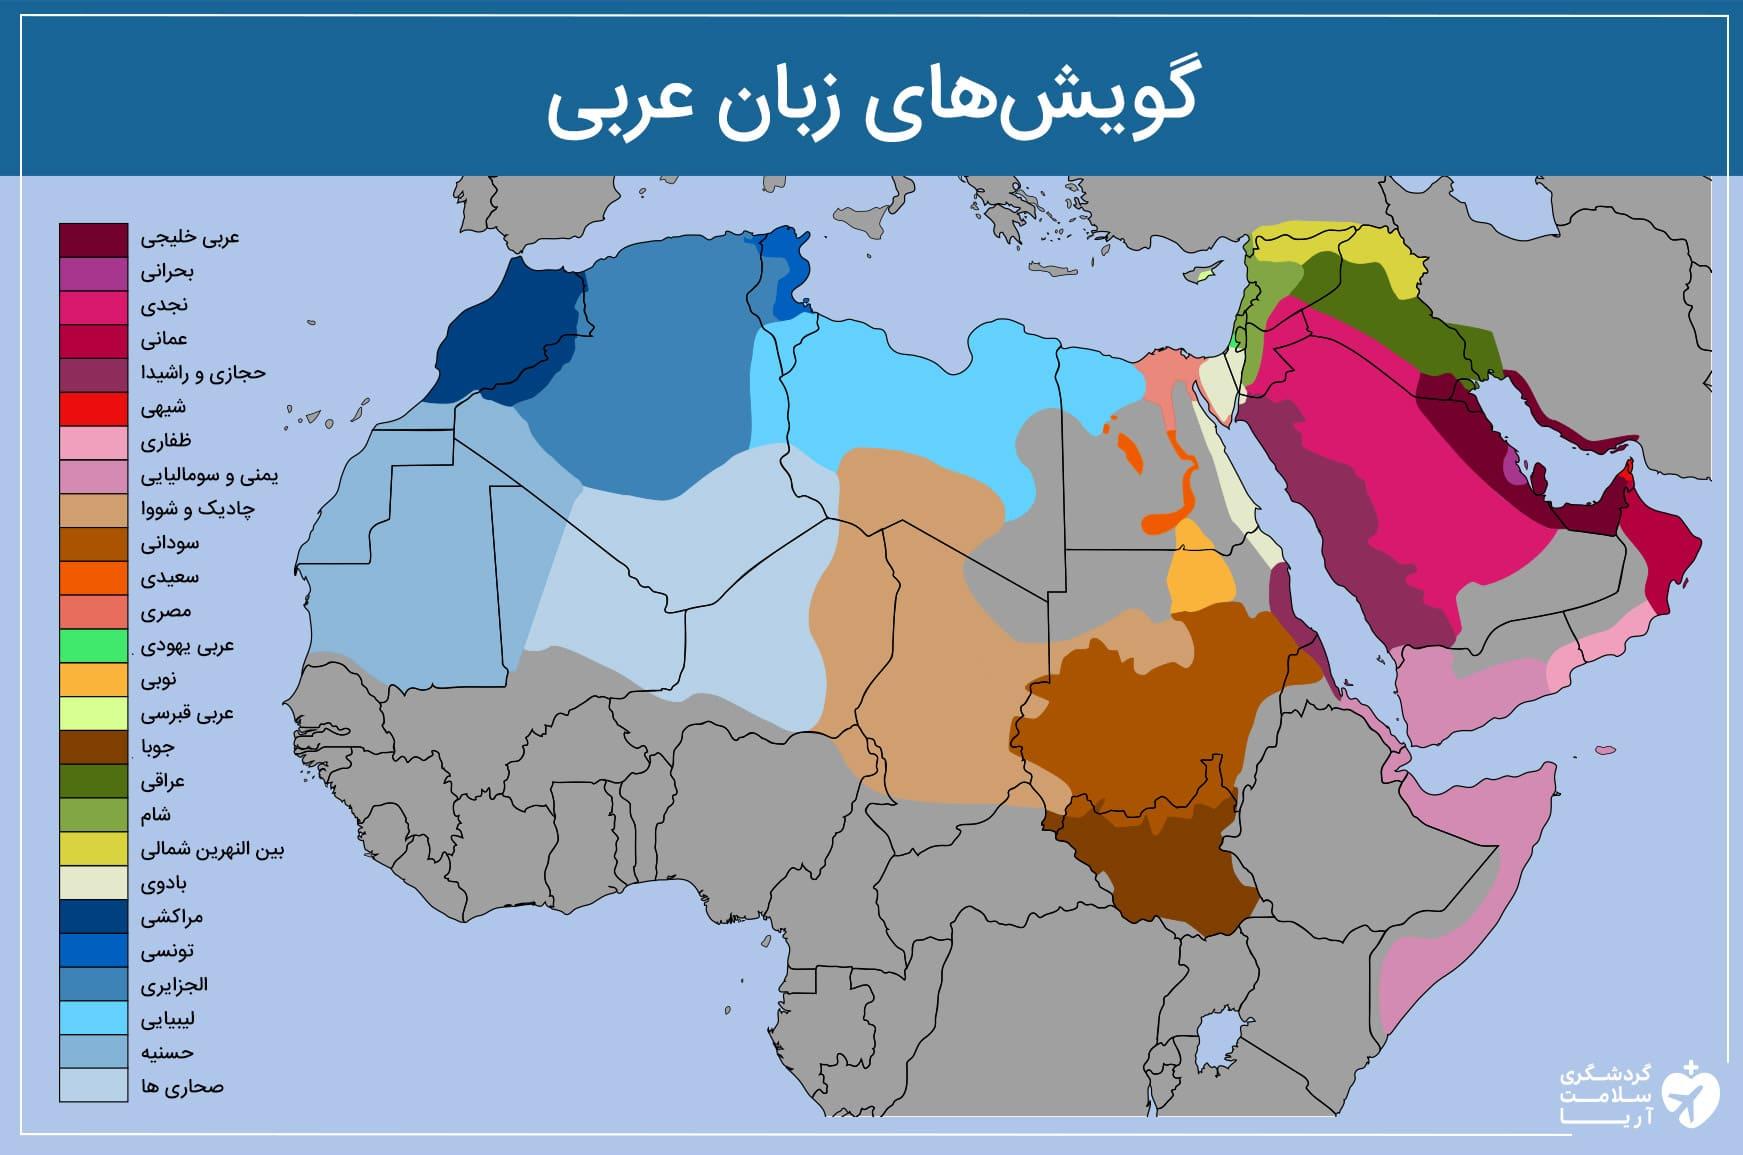 اینفوگرافی درمورد انواع مختلف گویشهای زبان عربی در دنیا و نحوه پراکندگی آنها بر روی نقشه